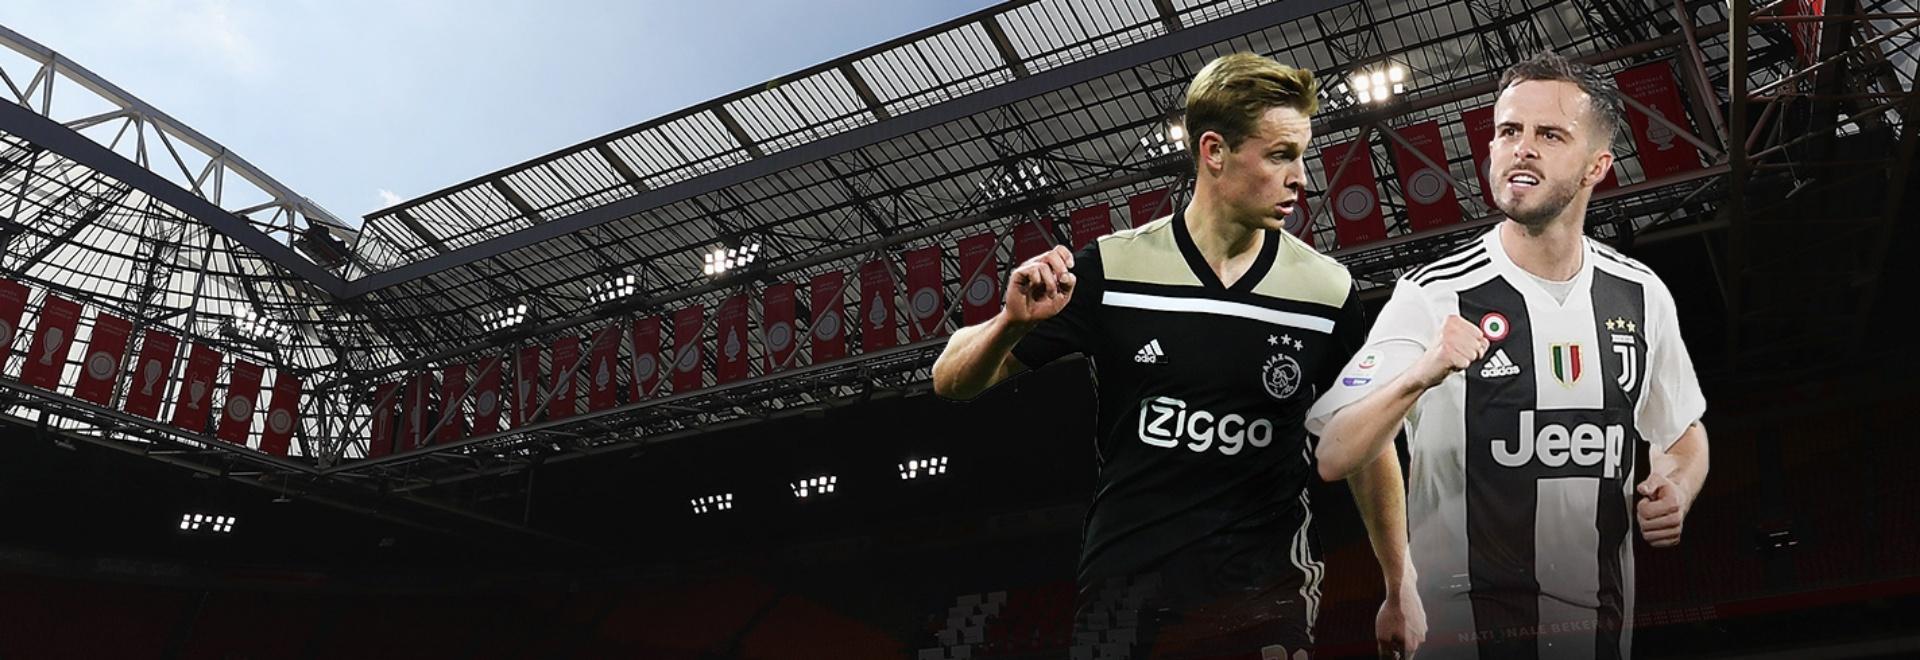 Ajax - Juventus. Quarti. Andata